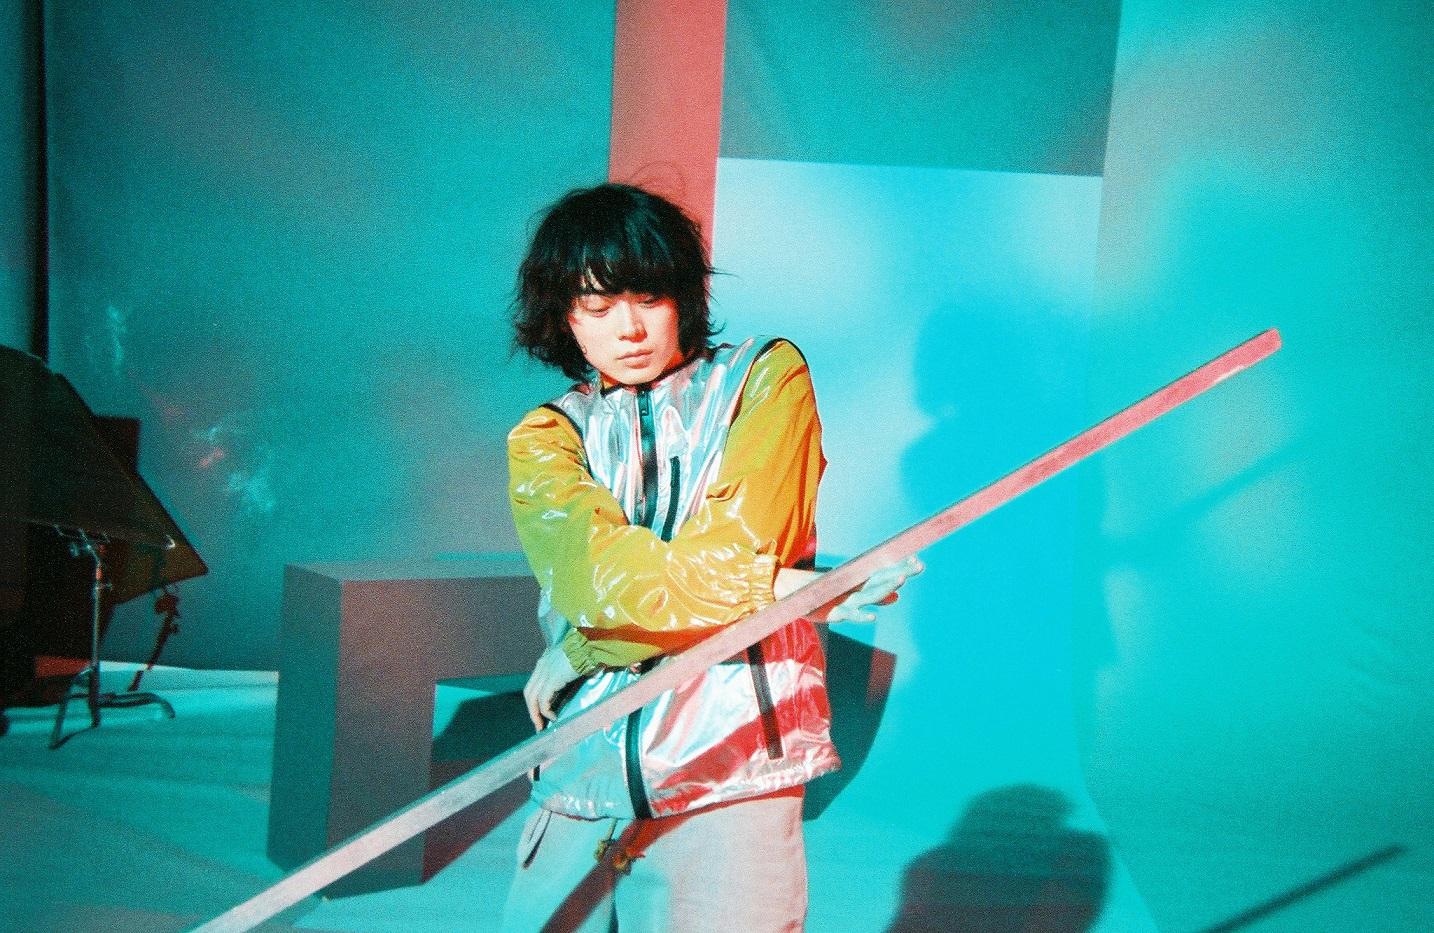 菅田将暉、ドラマ打ち上げで山崎賢人としたデュエット話明かし「貴重すぎる」「音源化して」の声サムネイル画像